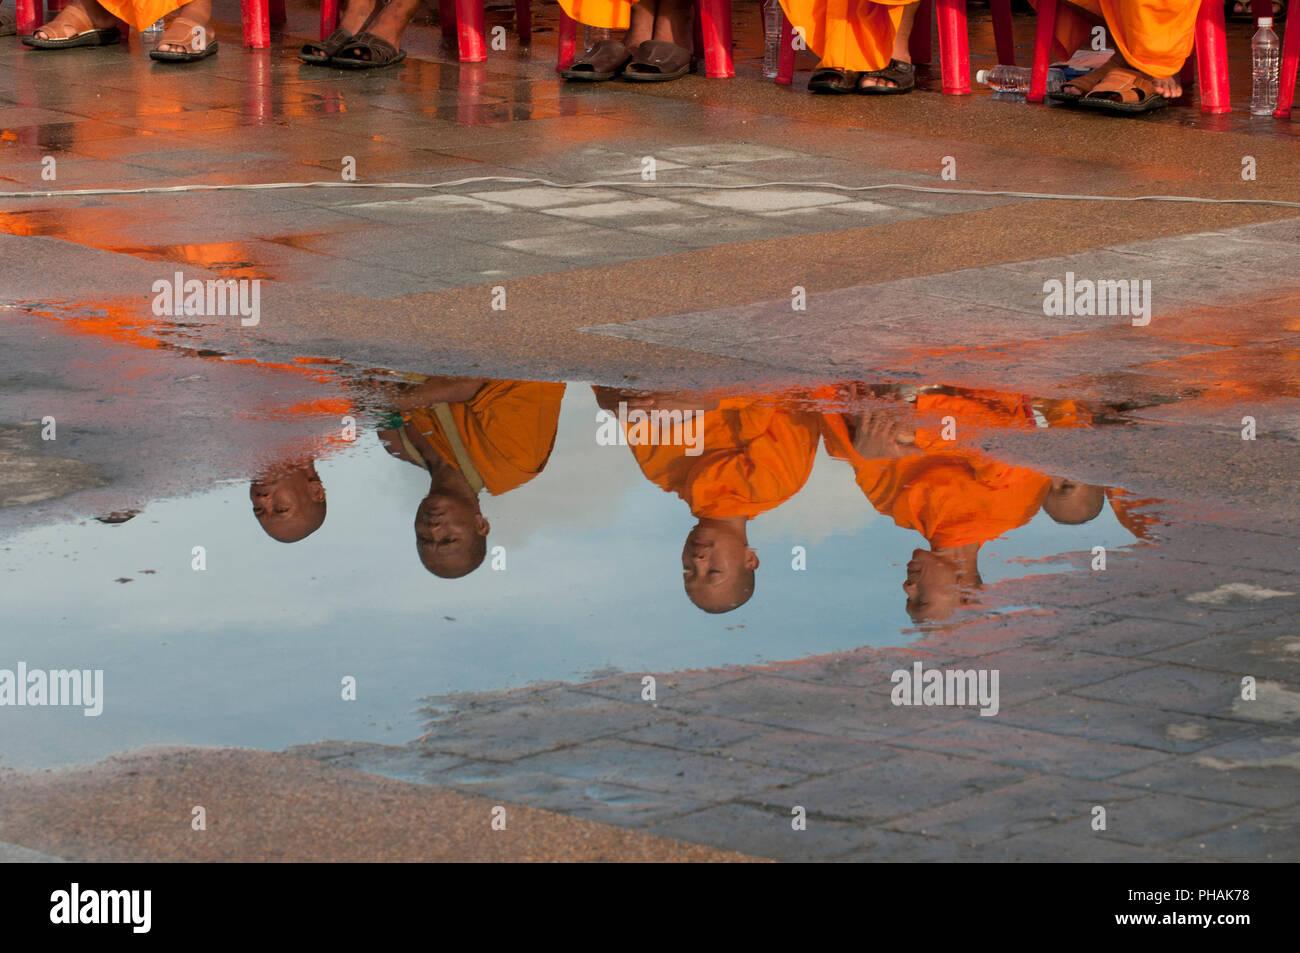 Reflets Stockfotos & Reflets Bilder - Alamy